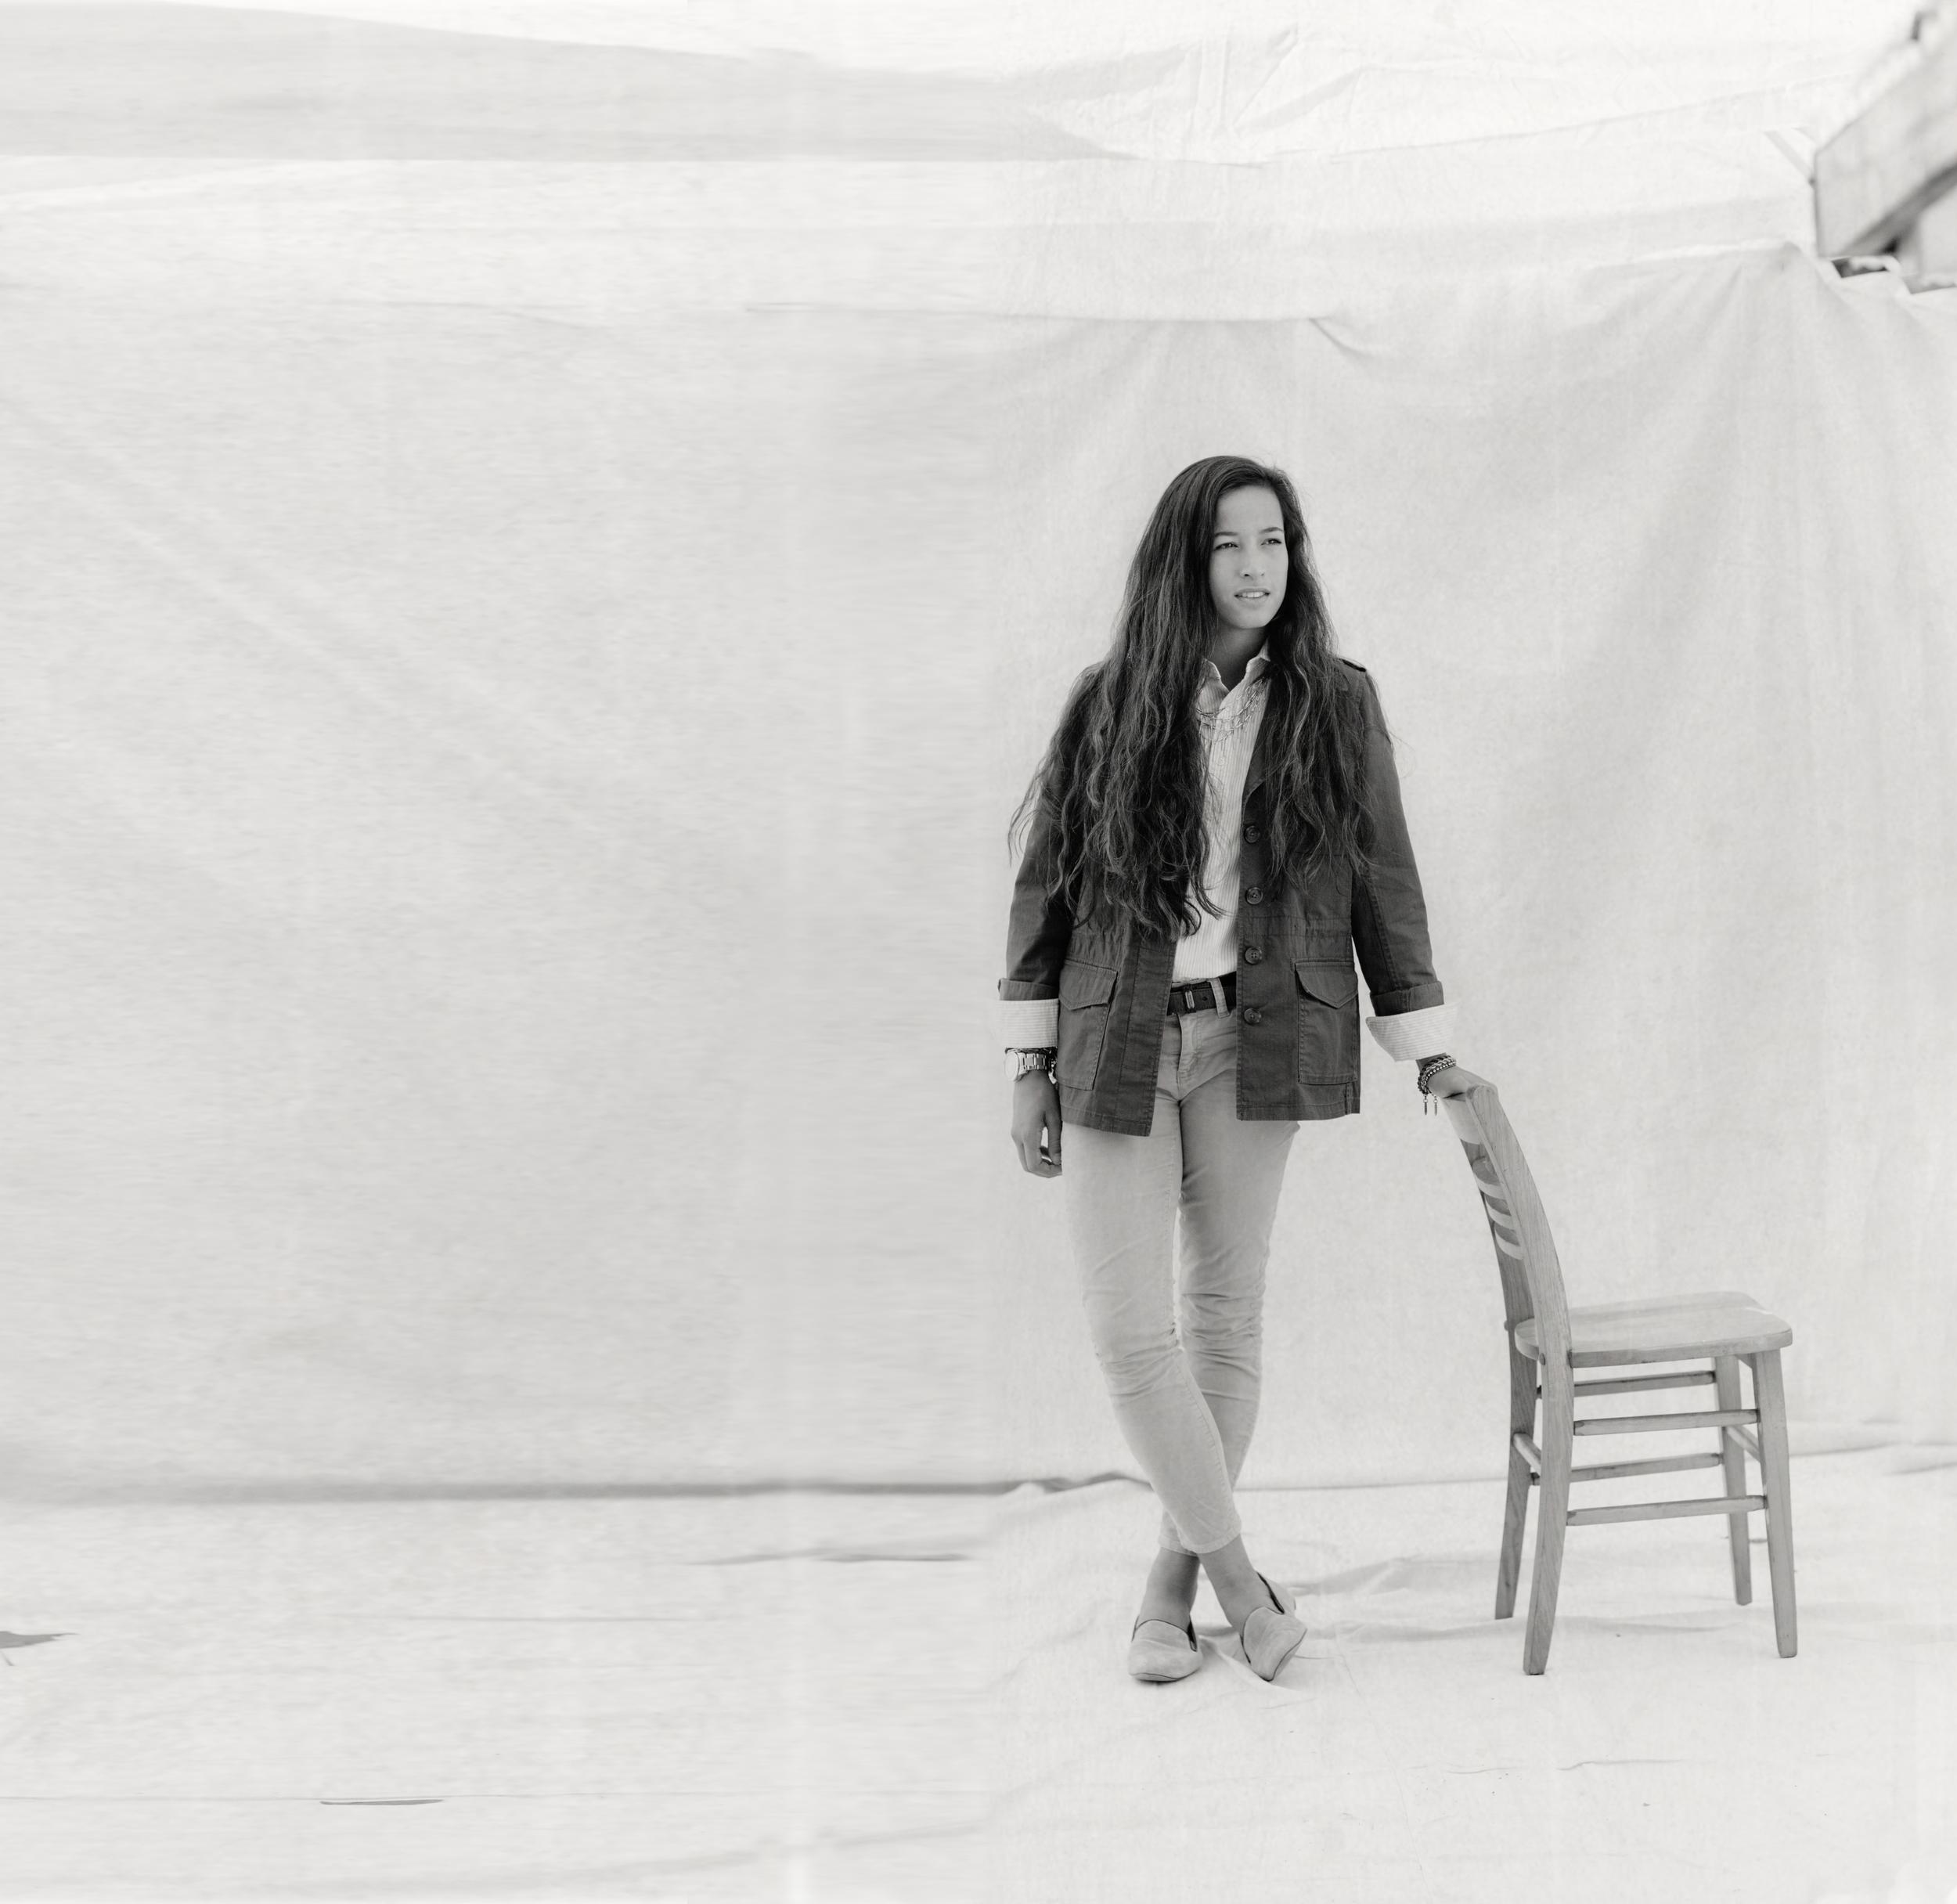 Portraits_2015.10.11_Fine Art Portrait- Alexis Chair_0001_RETOUCHED.jpg